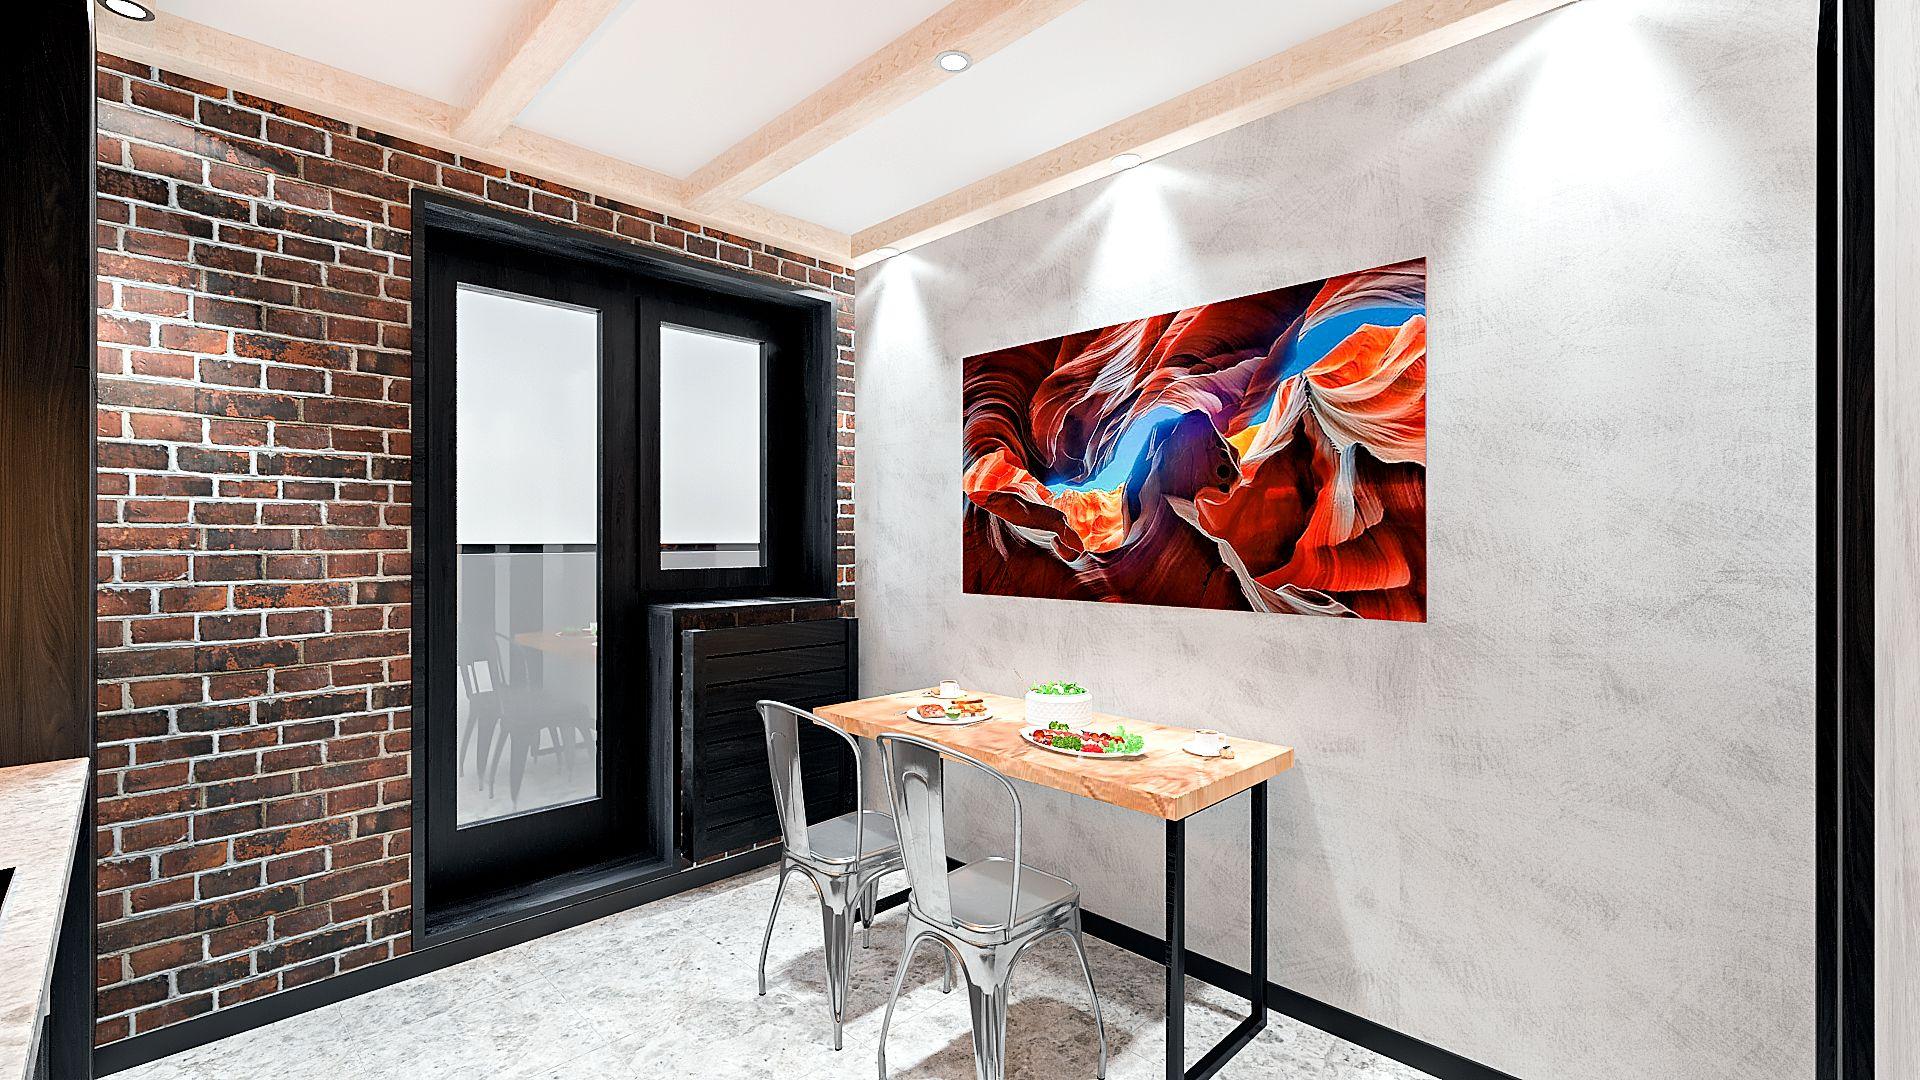 Дизайн однокомнатной квартиры в Гомеле, кухня в стиле лофт в квартире изображение 11, вид на обеденный стол, маленький телевизор над дверным проемом, картина над обеденным столом 2